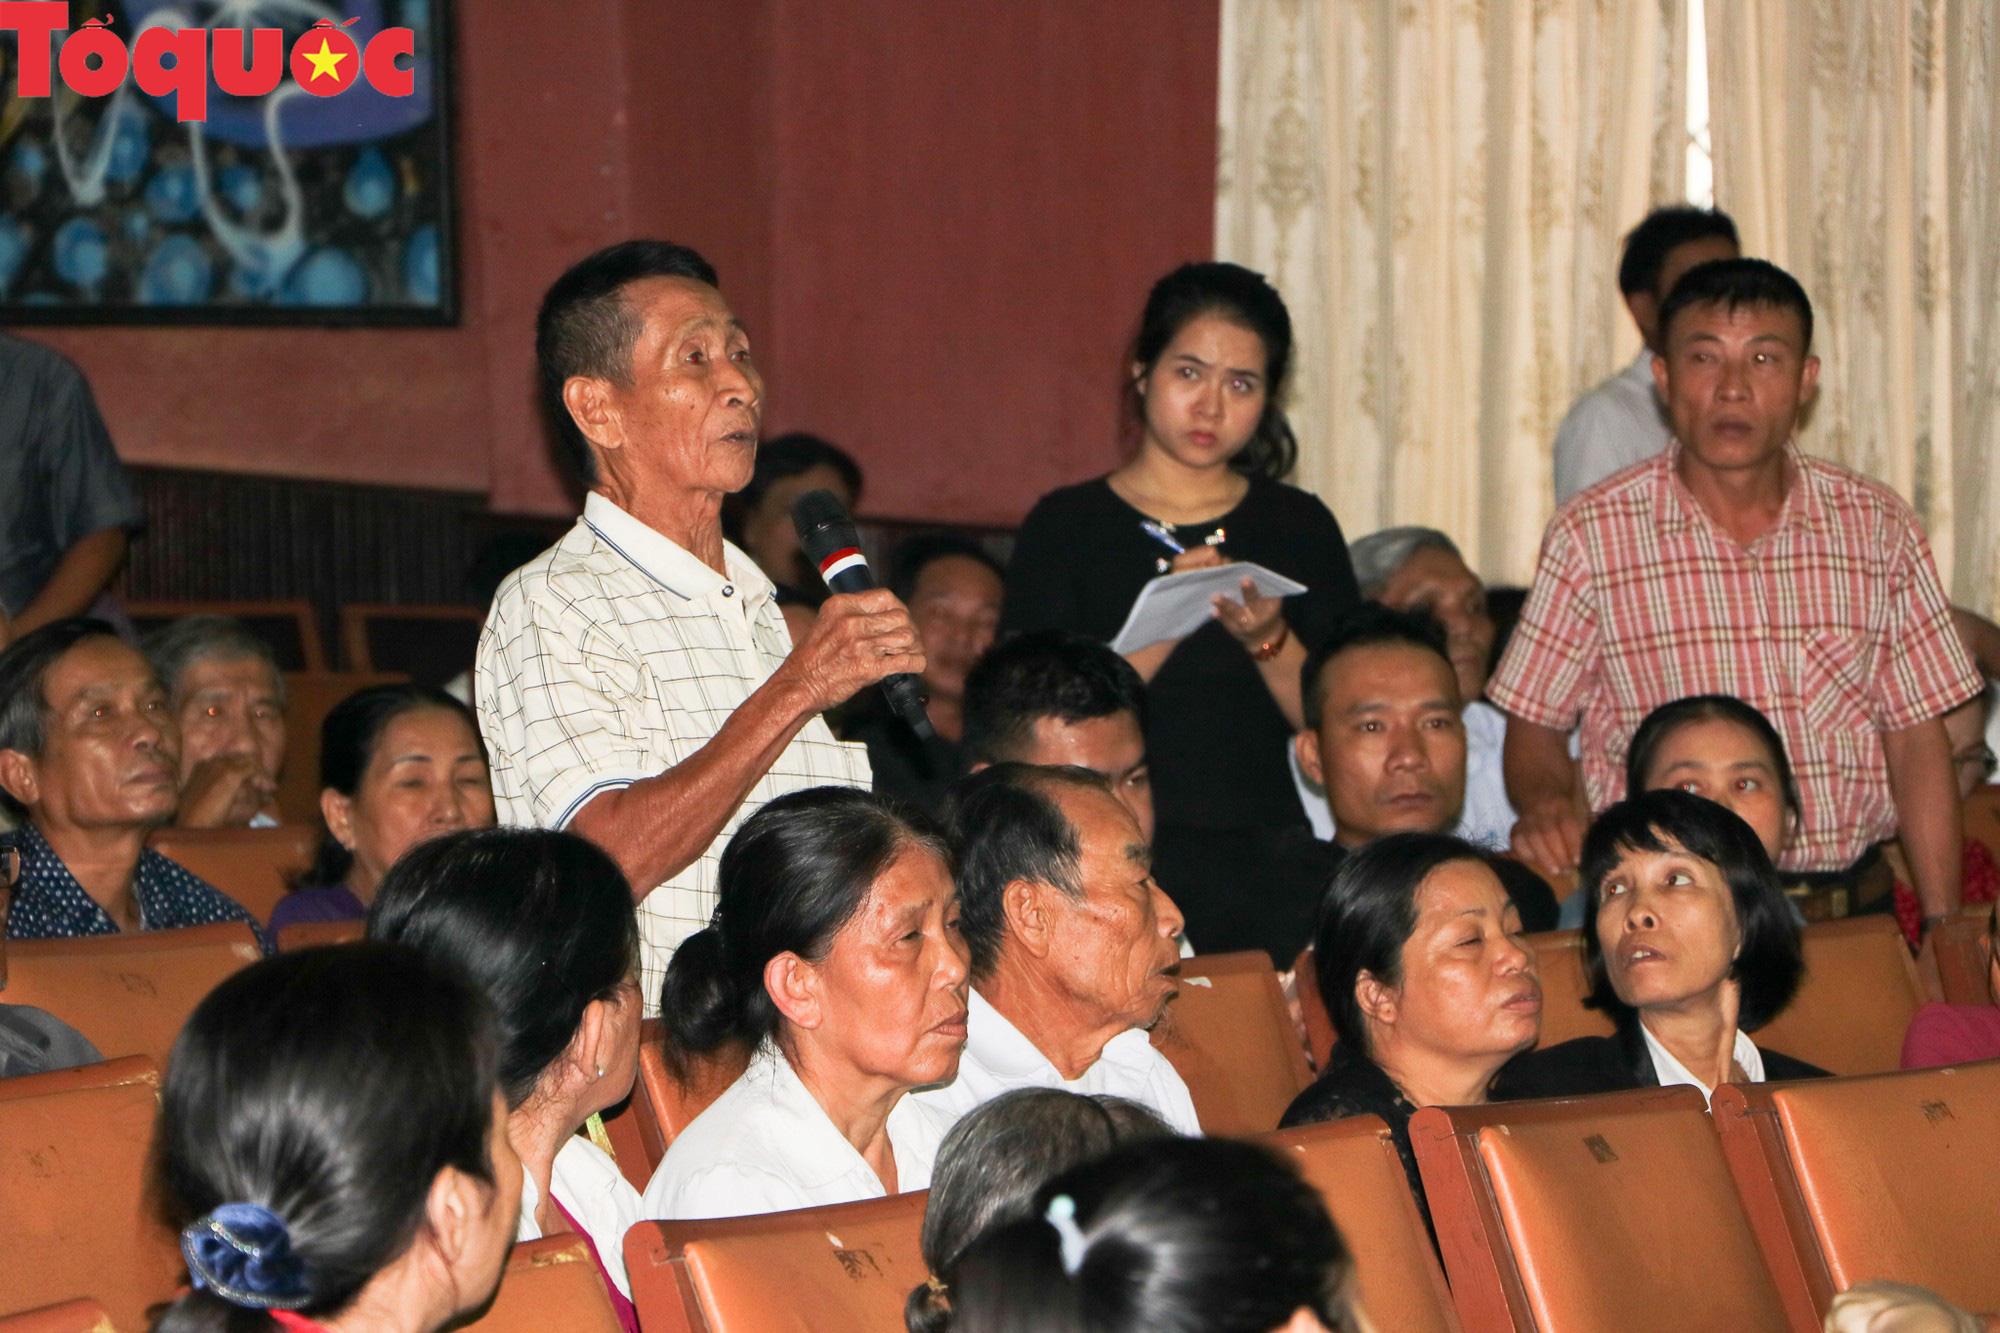 Đảm bảo công khai, minh bạch trong việc di dời dân khu vực Thượng thành Huế - Ảnh 3.